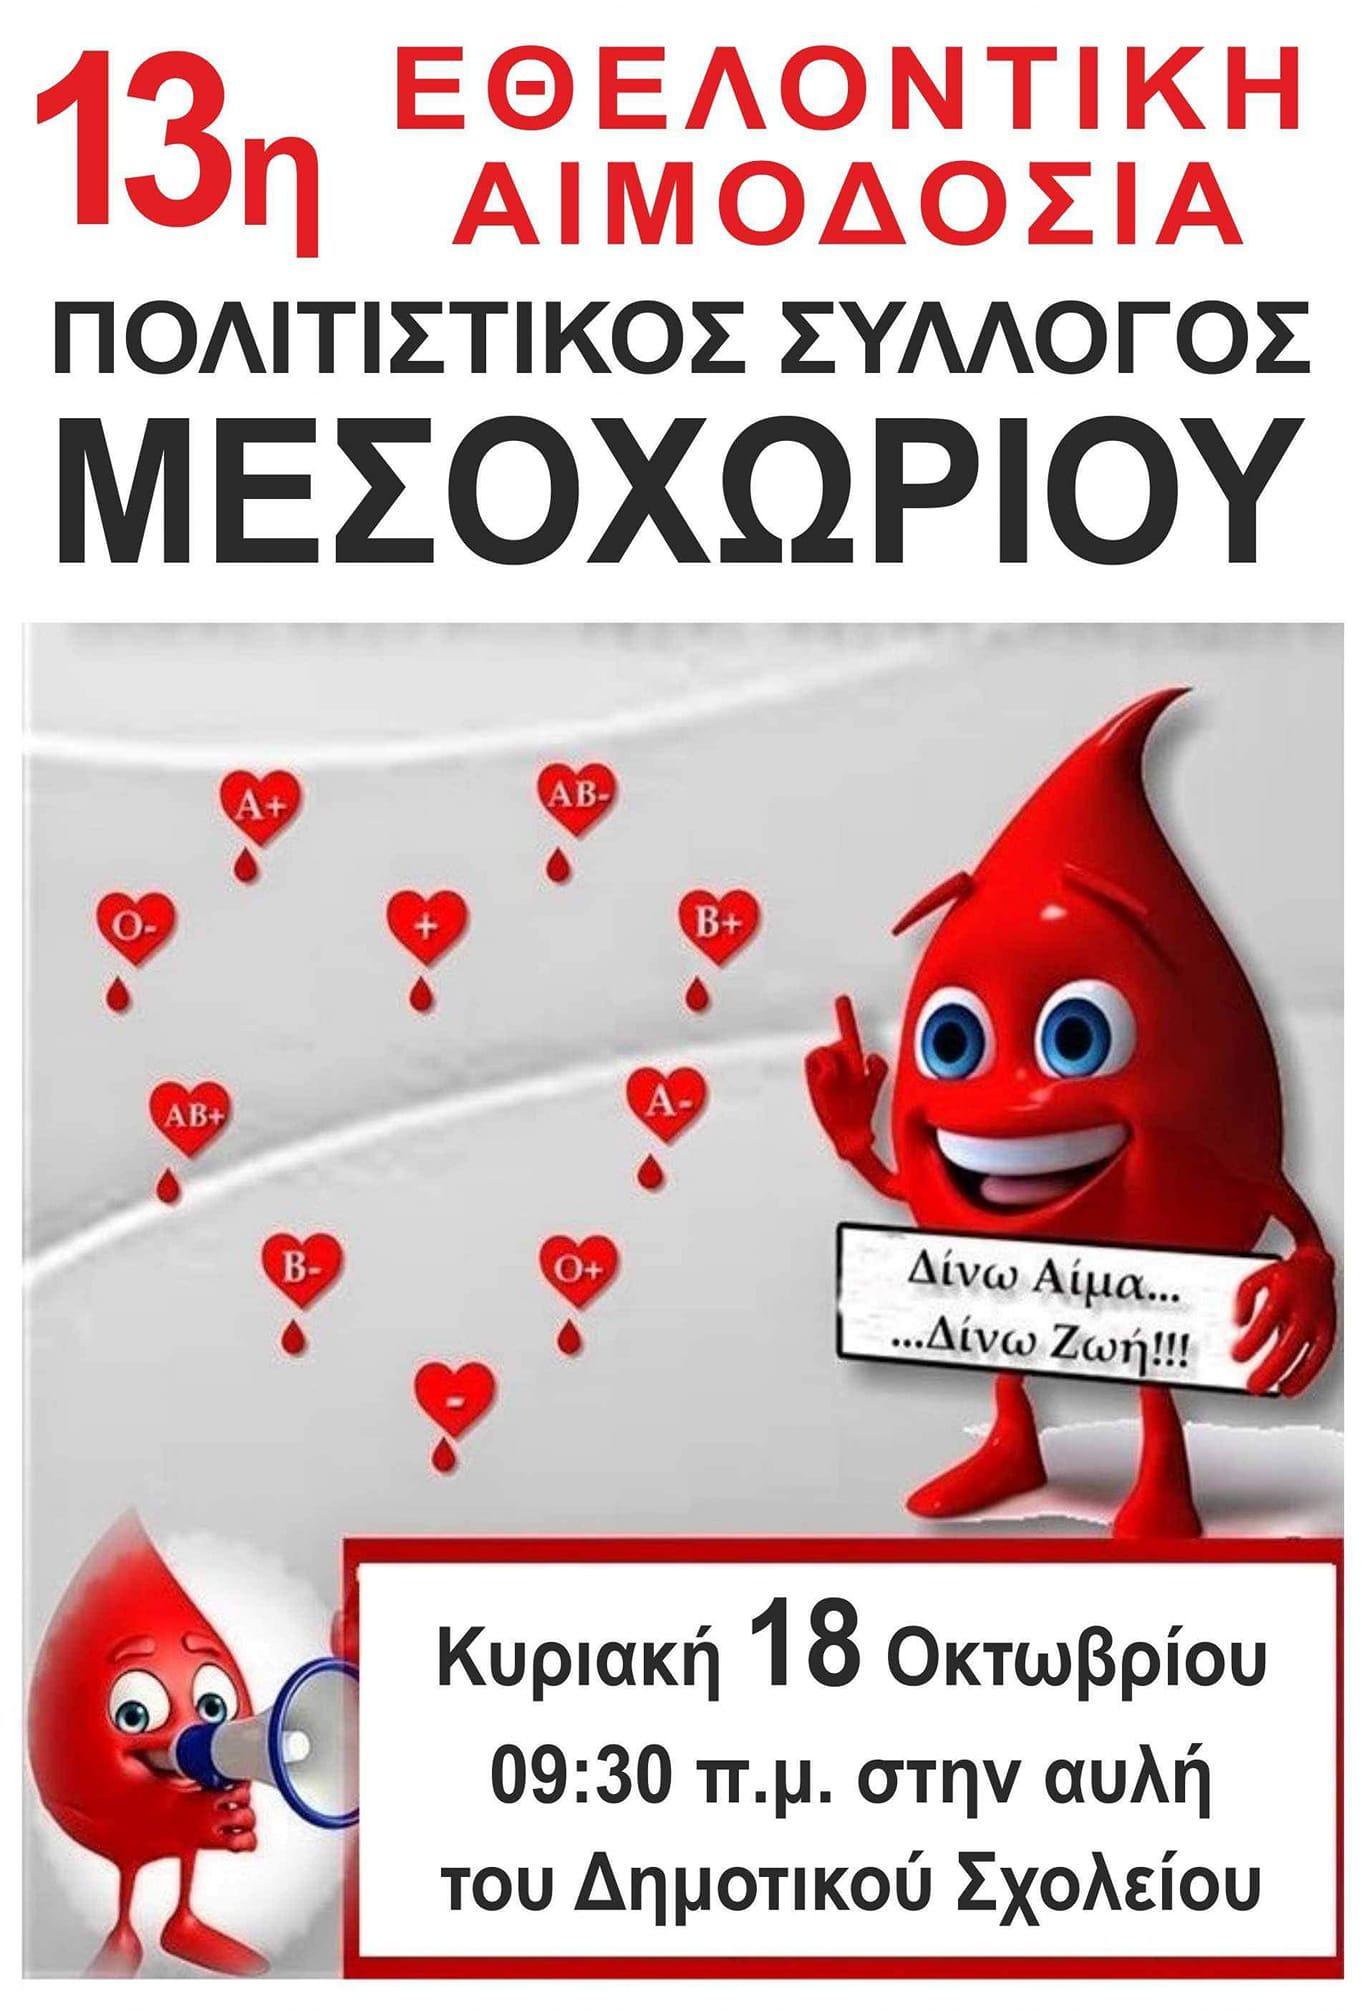 13η Εθελοντική Αιμοδοσία στο Μεσοχωριό